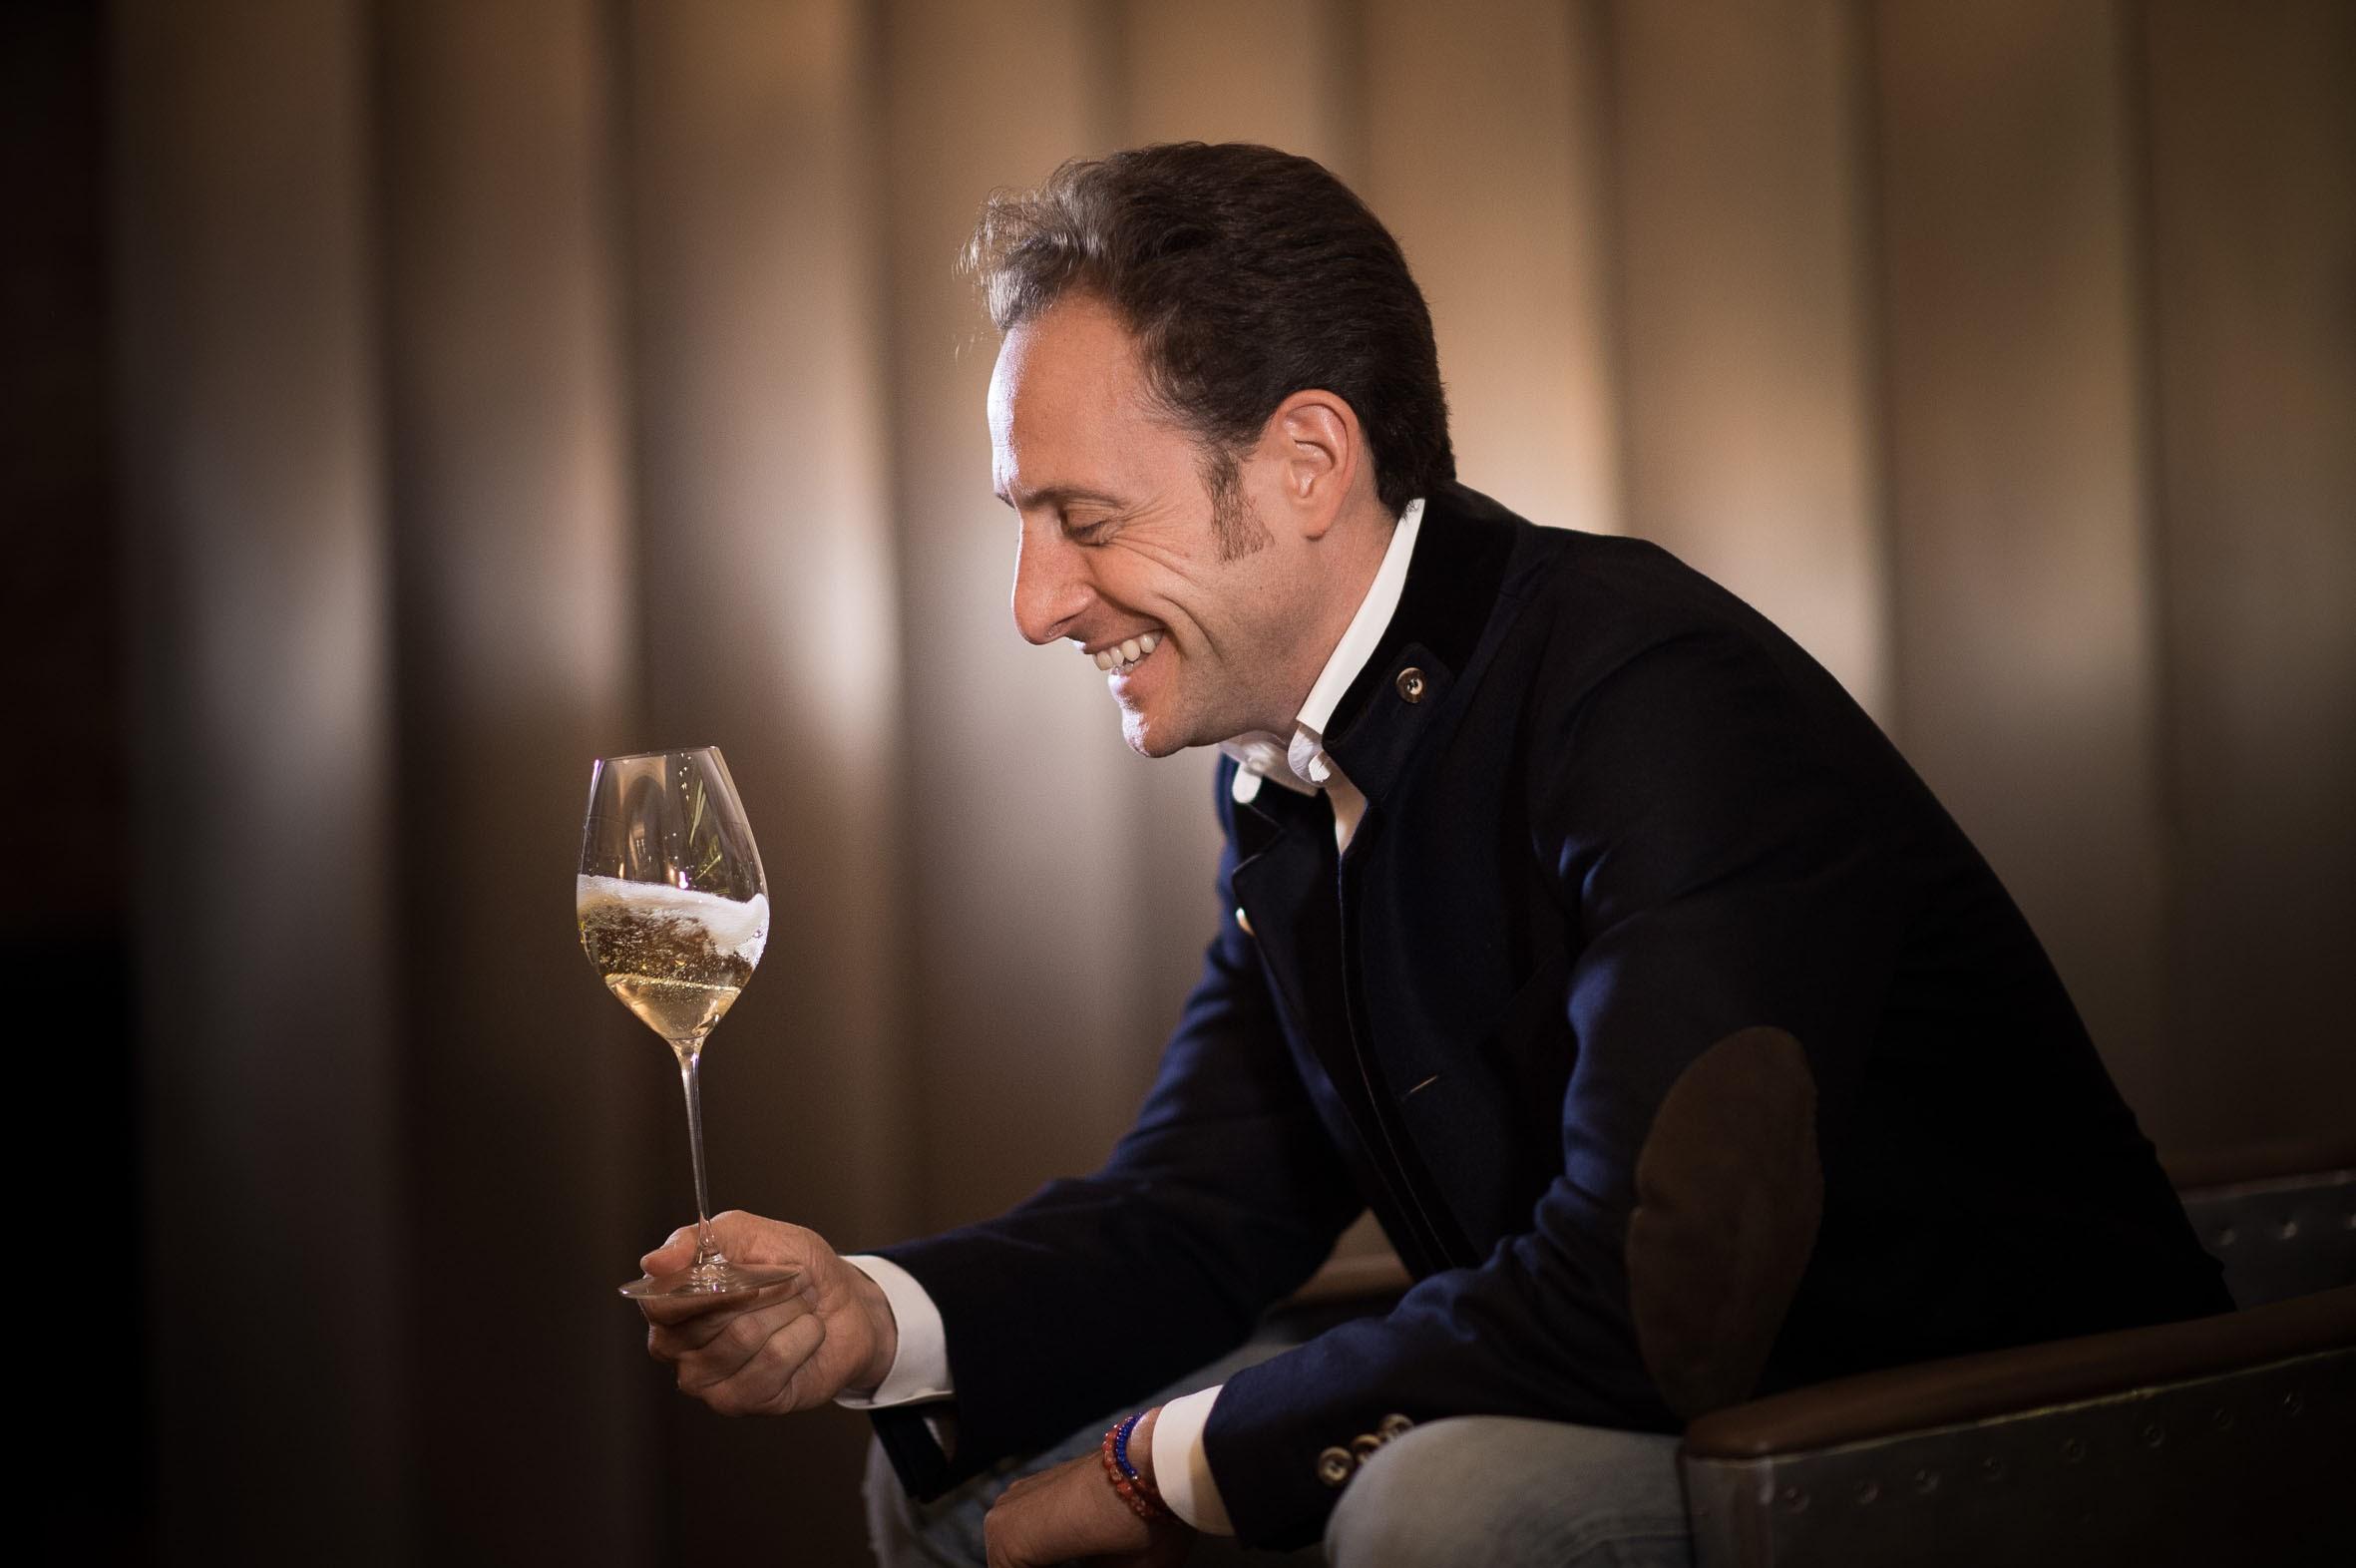 Intervista a Maximilian Riedel: un nuovo bicchiere per apprezzare al meglio la birra!